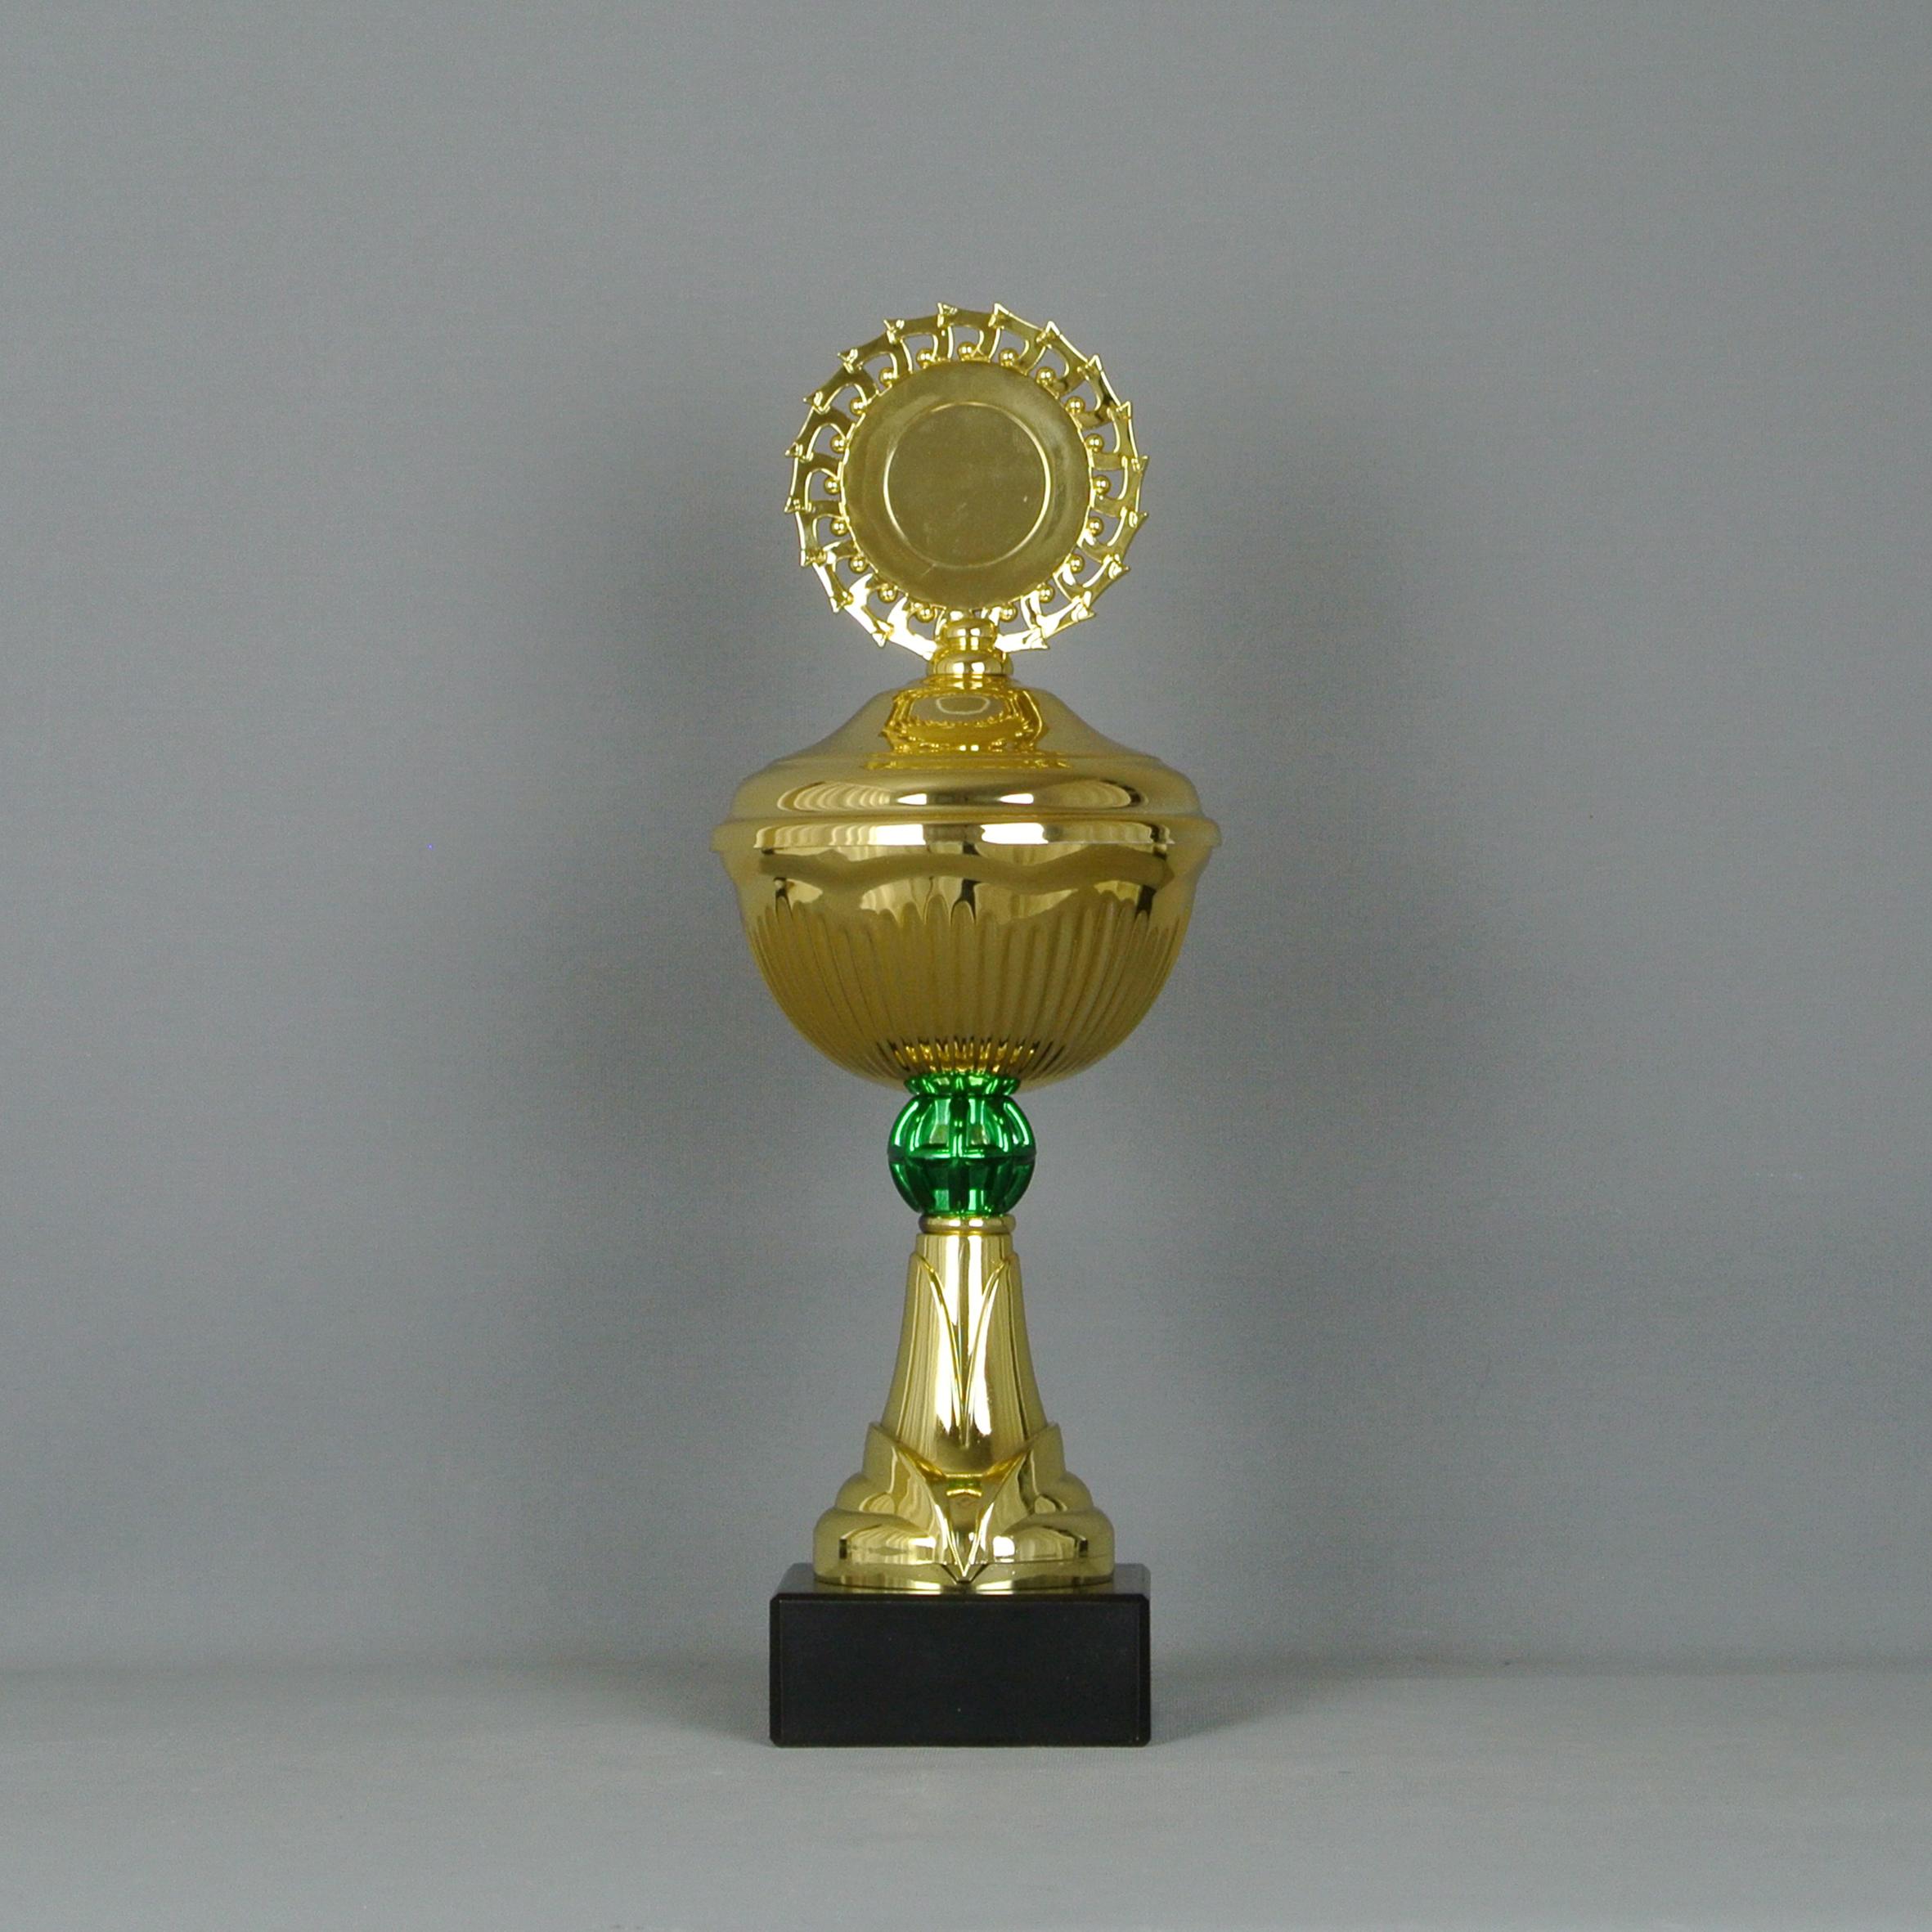 S617 / Pokal / 6er Serie / gold grün - HR Pokale